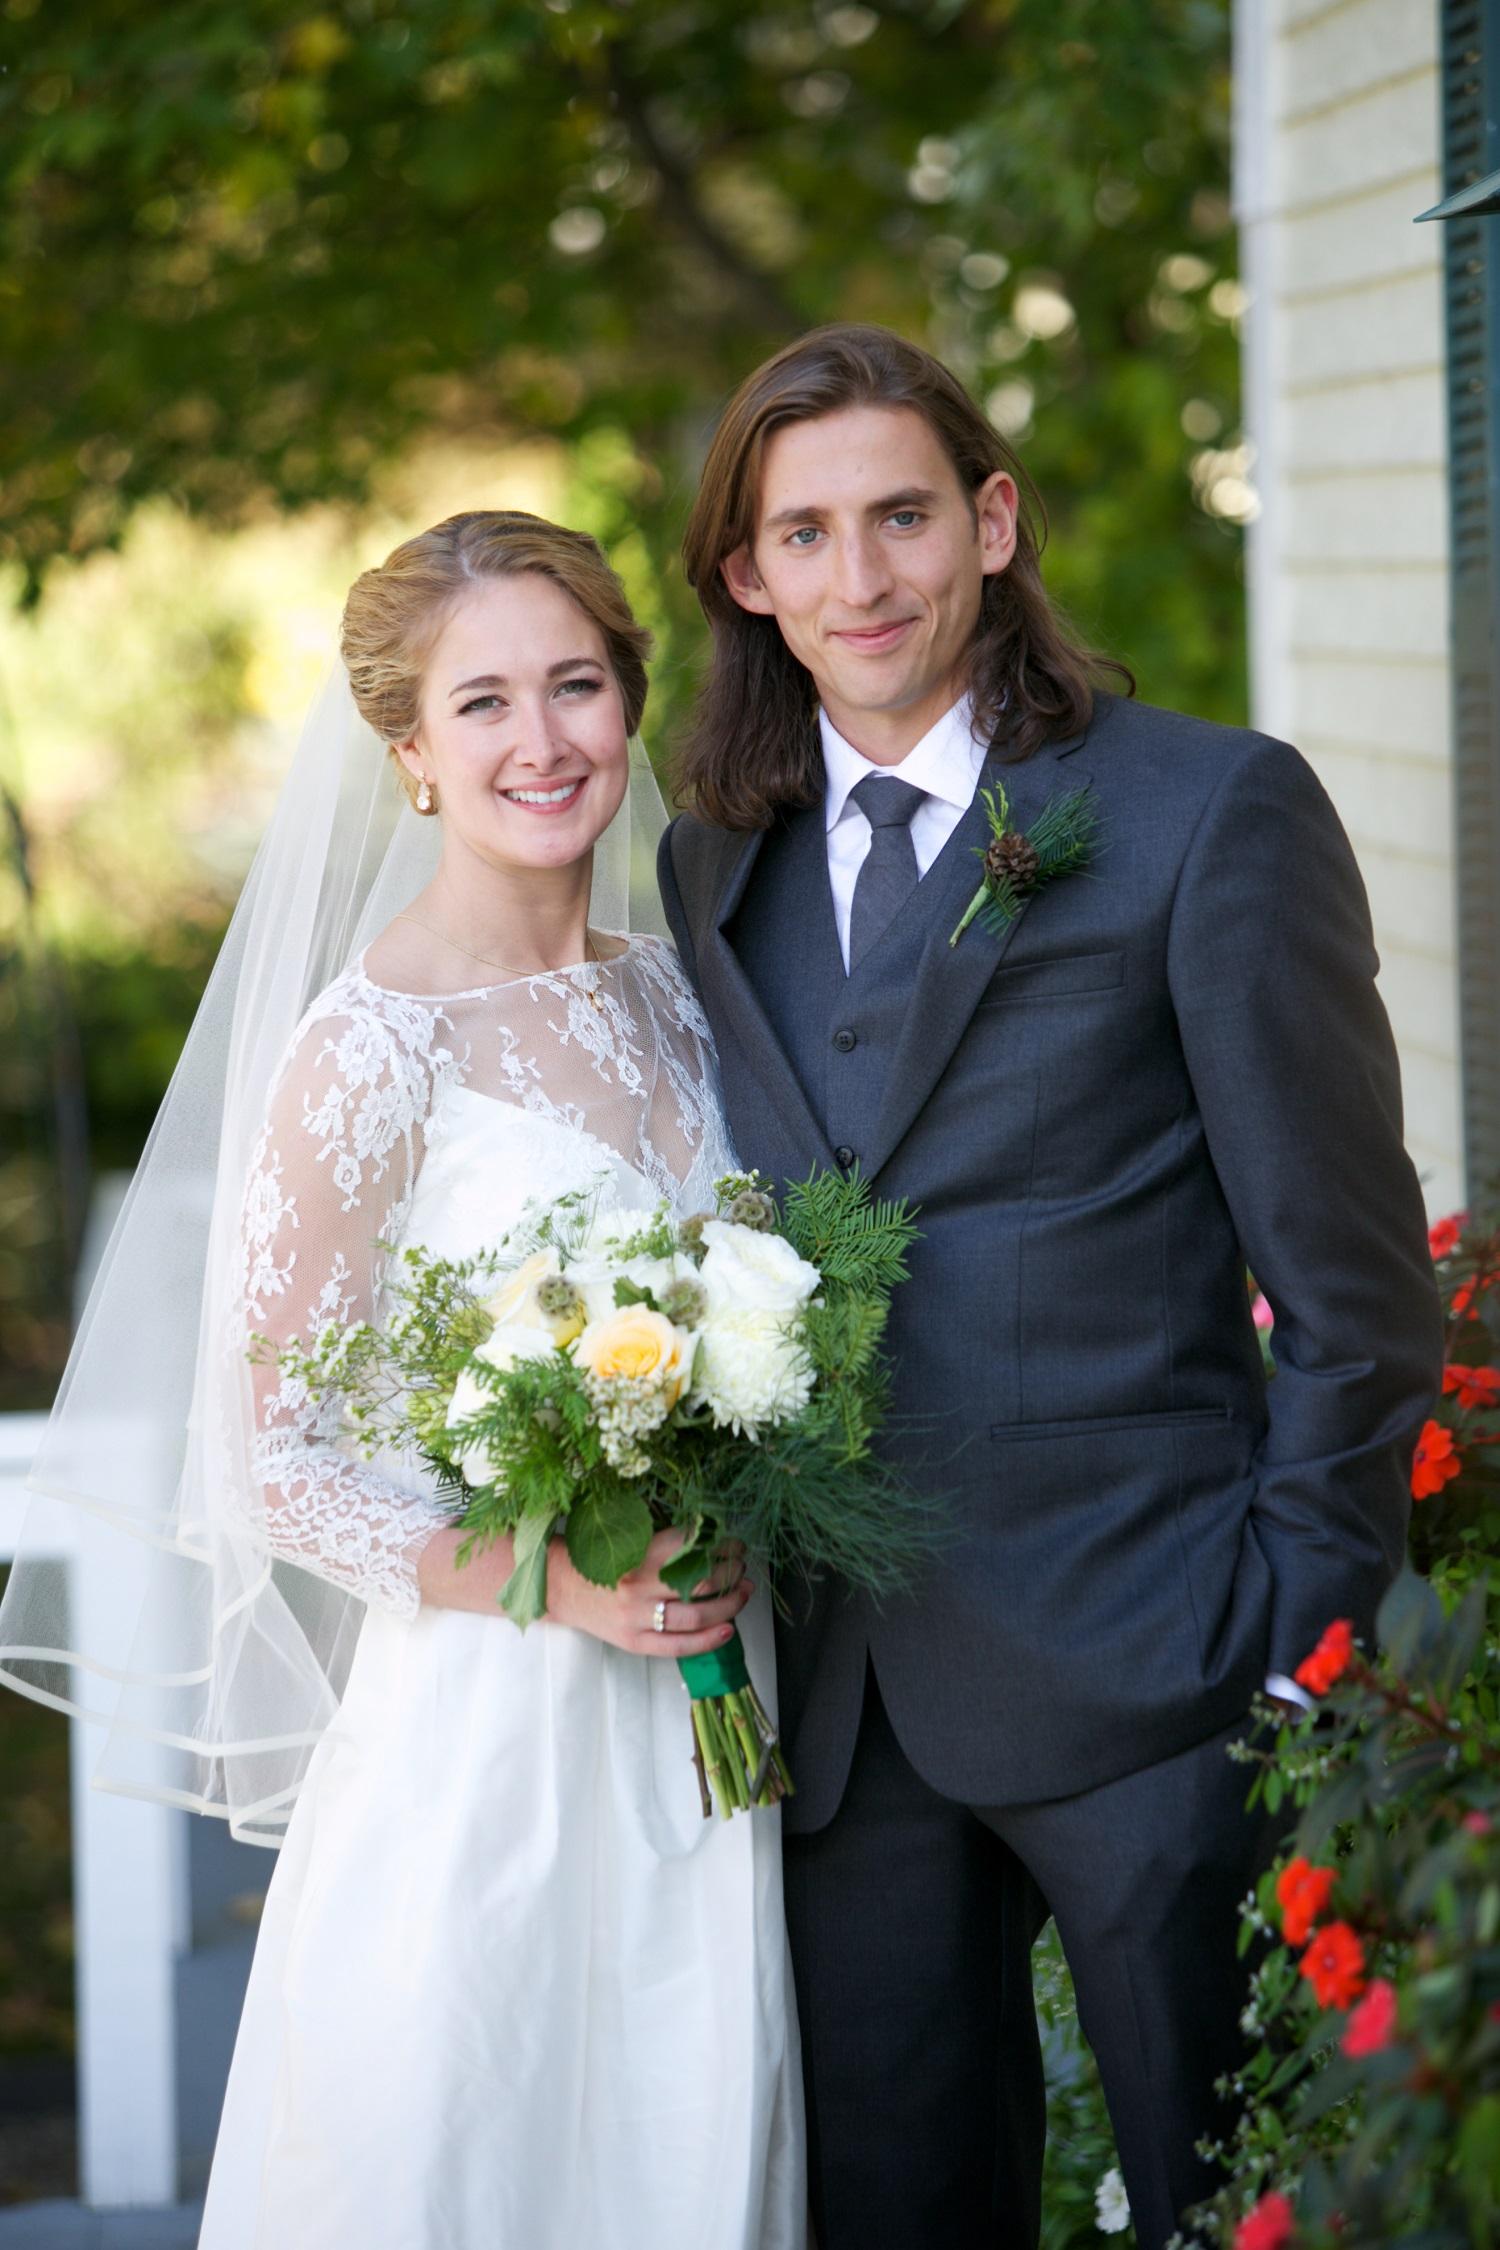 aphroditeweddingphotos.com 34.jpg